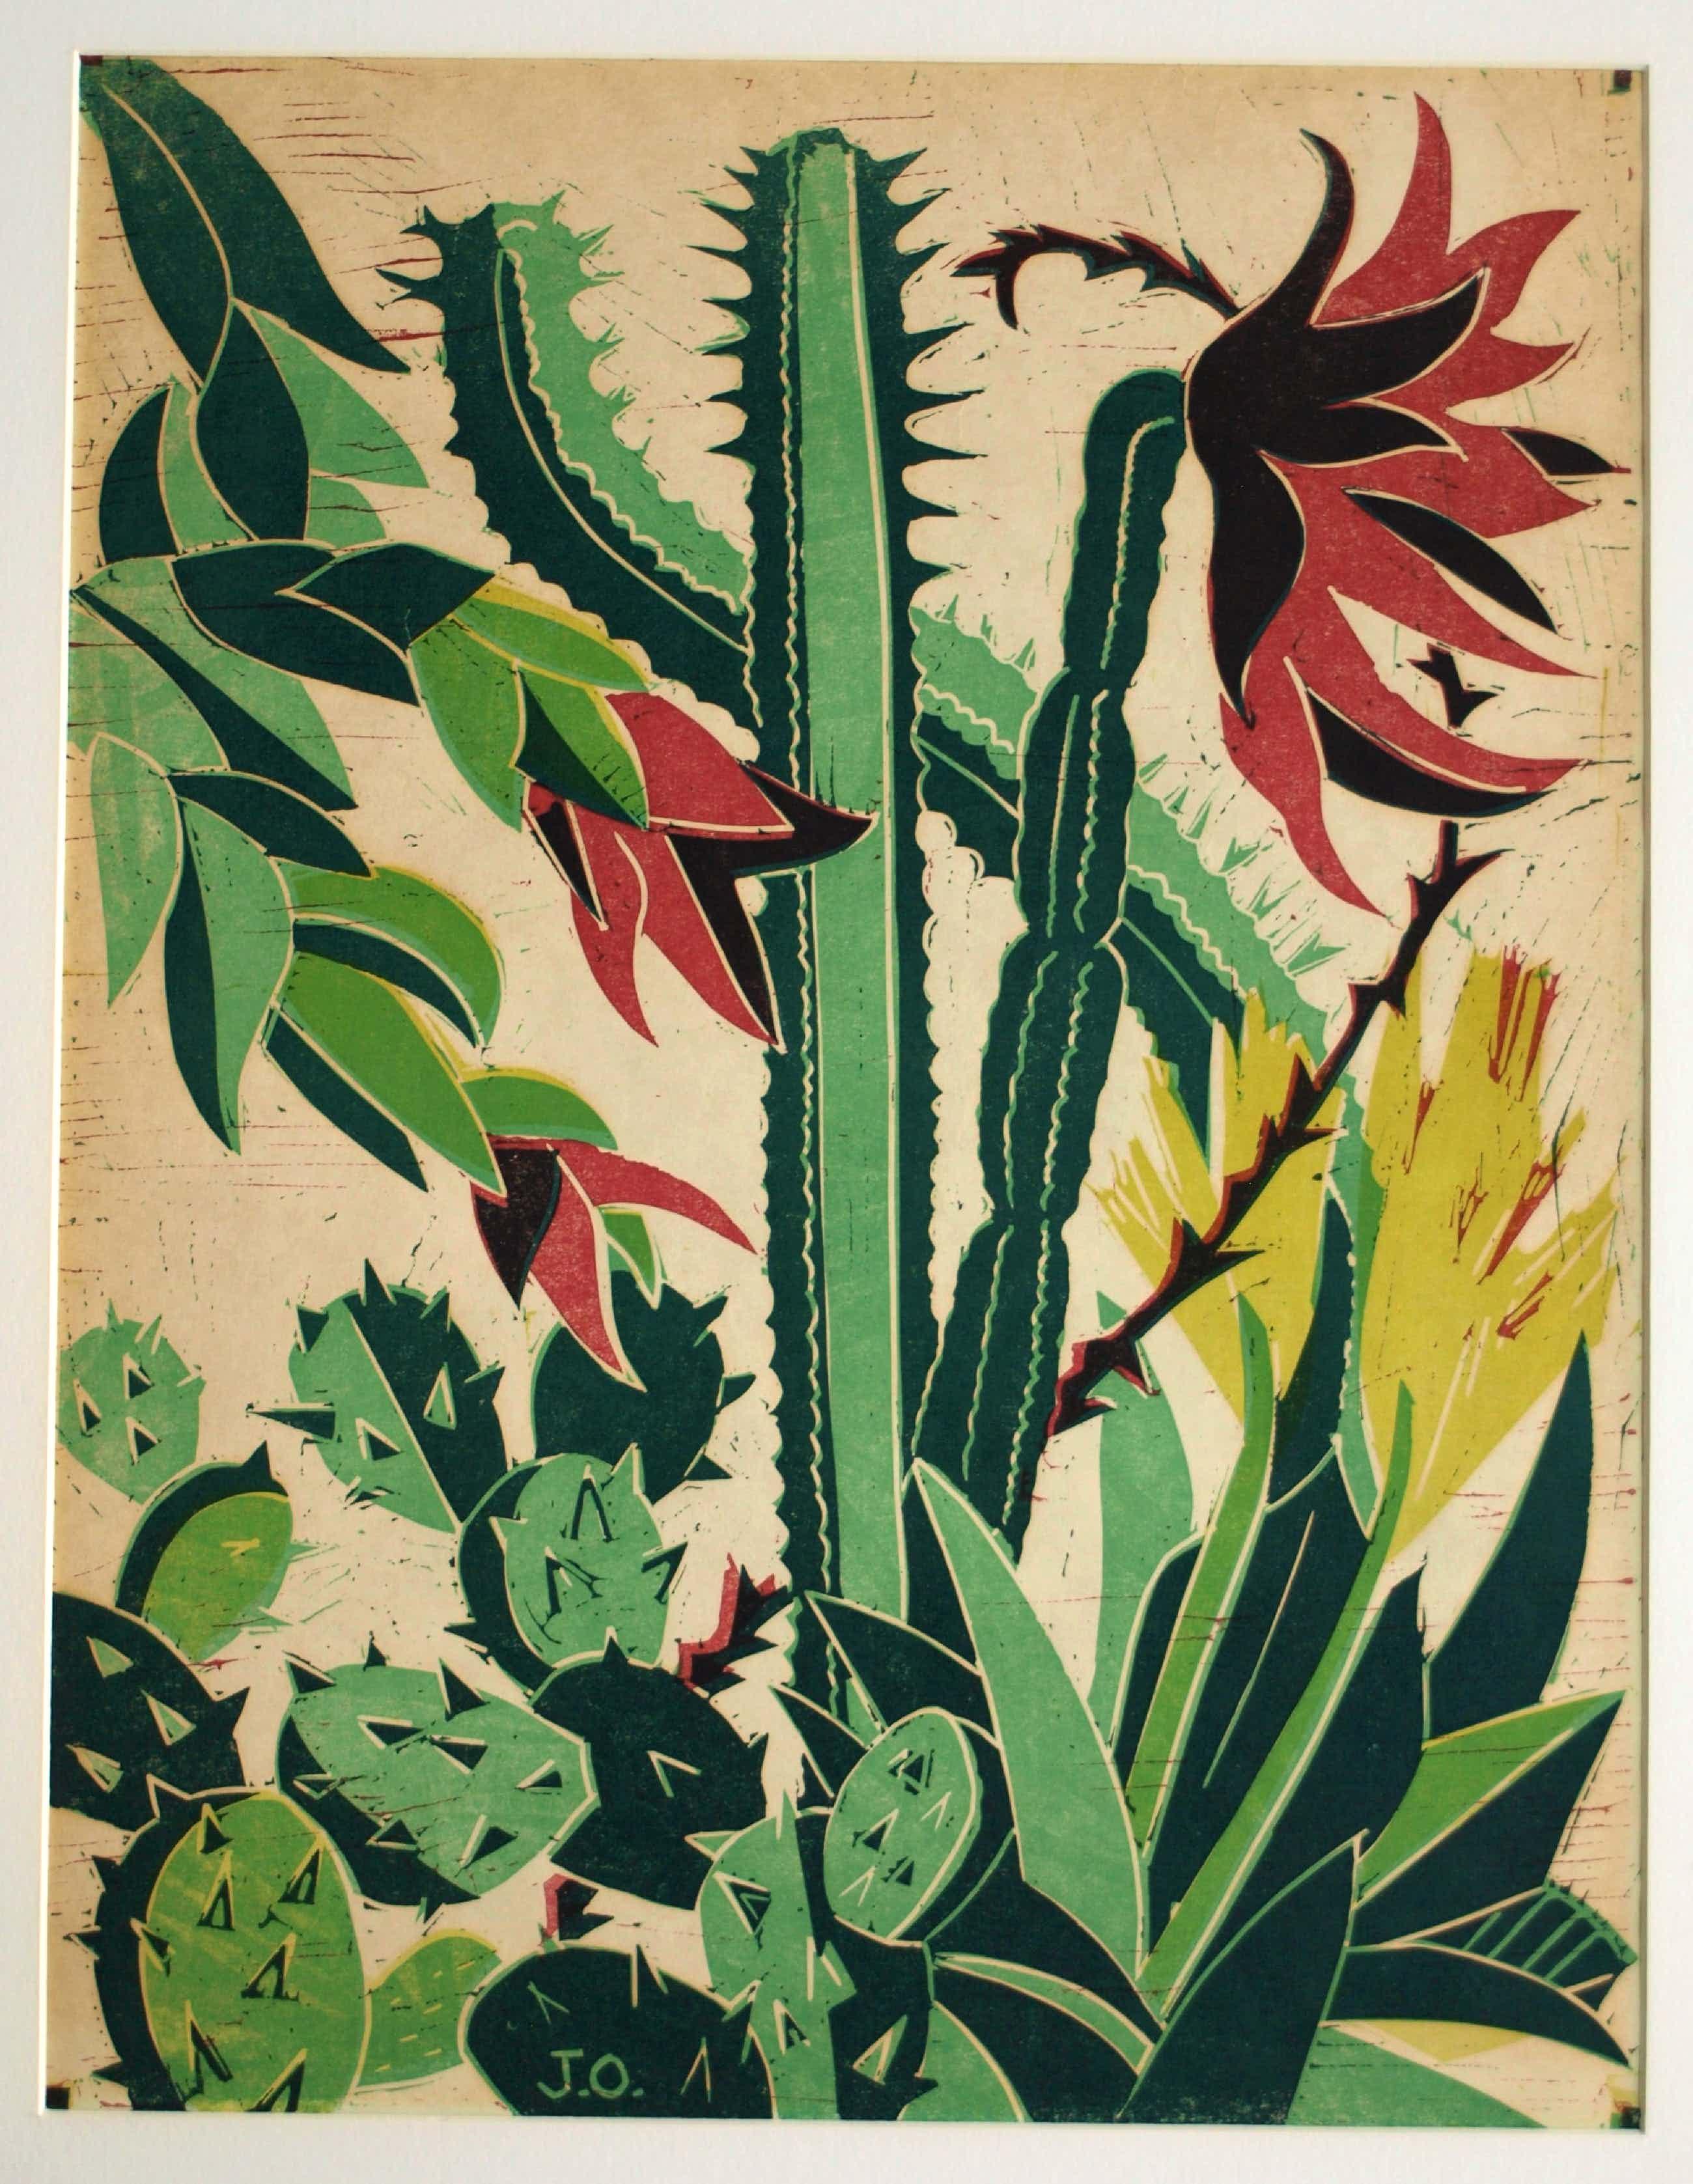 Jeanne Bieruma Oosting - Ingelijste linoleumsnede , 'Exotische tuin' – 1957 kopen? Bied vanaf 75!